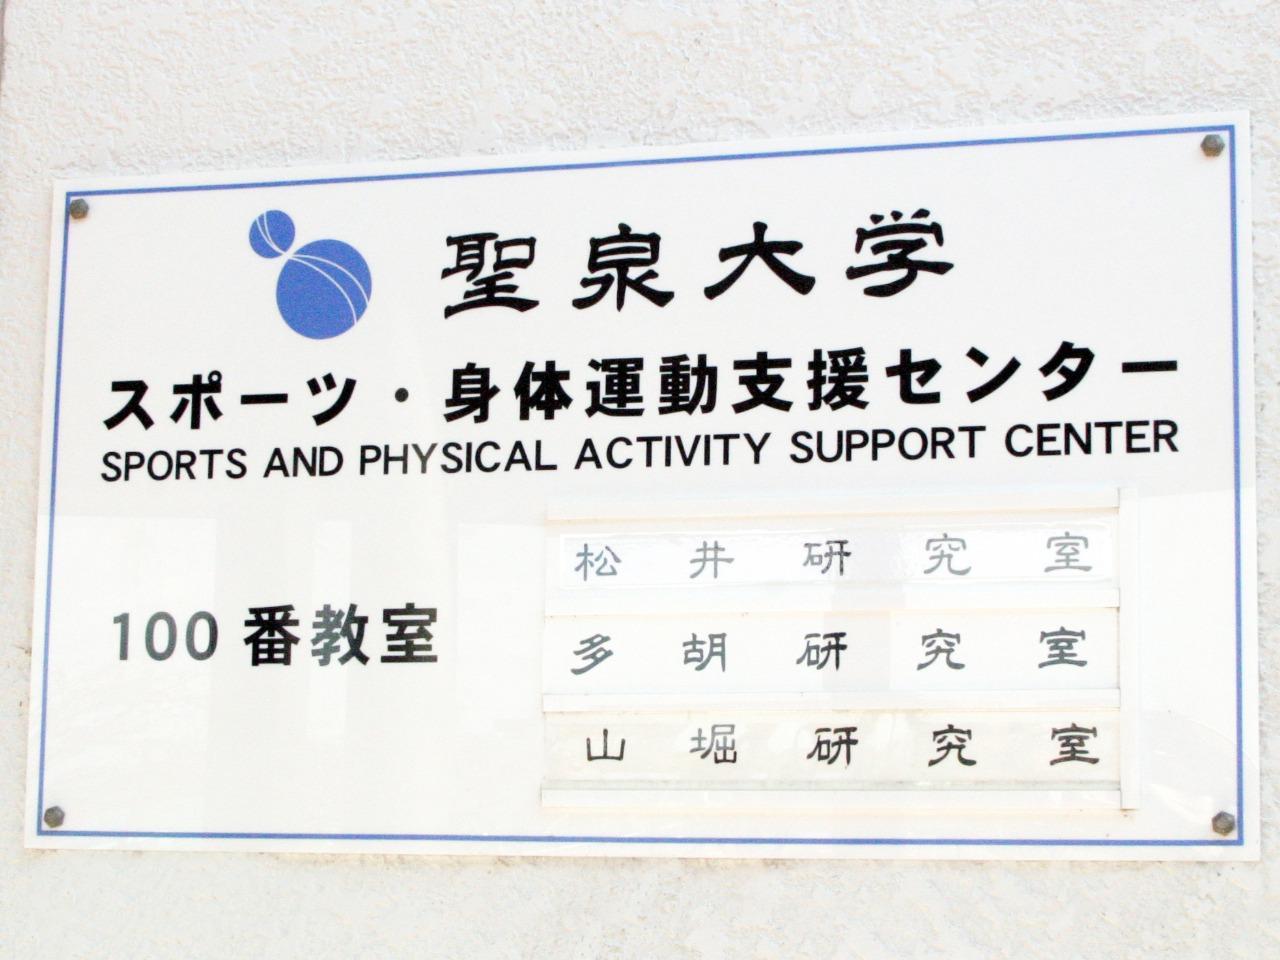 スポーツ・身体運動支援センター